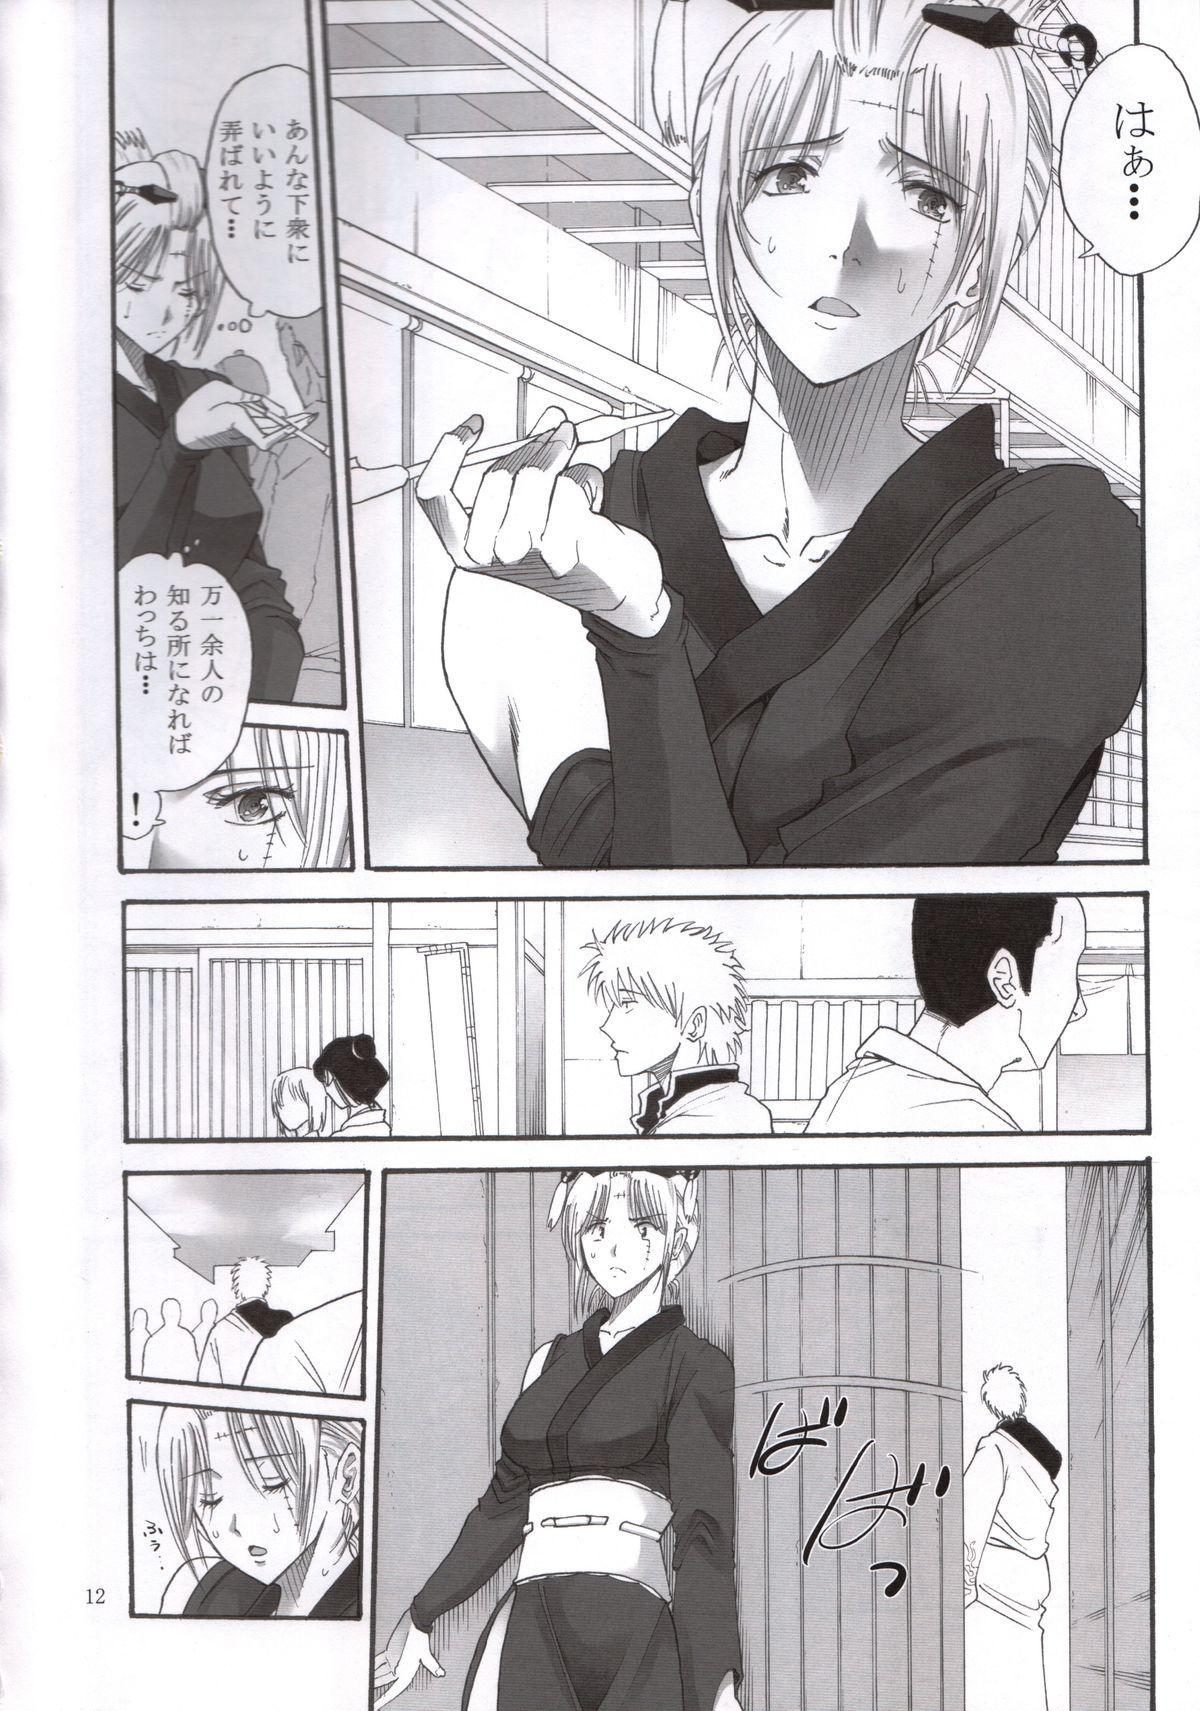 Tsukuyo-san ga Iyarashii Koto o Sarete shimau Hanashi 2 10